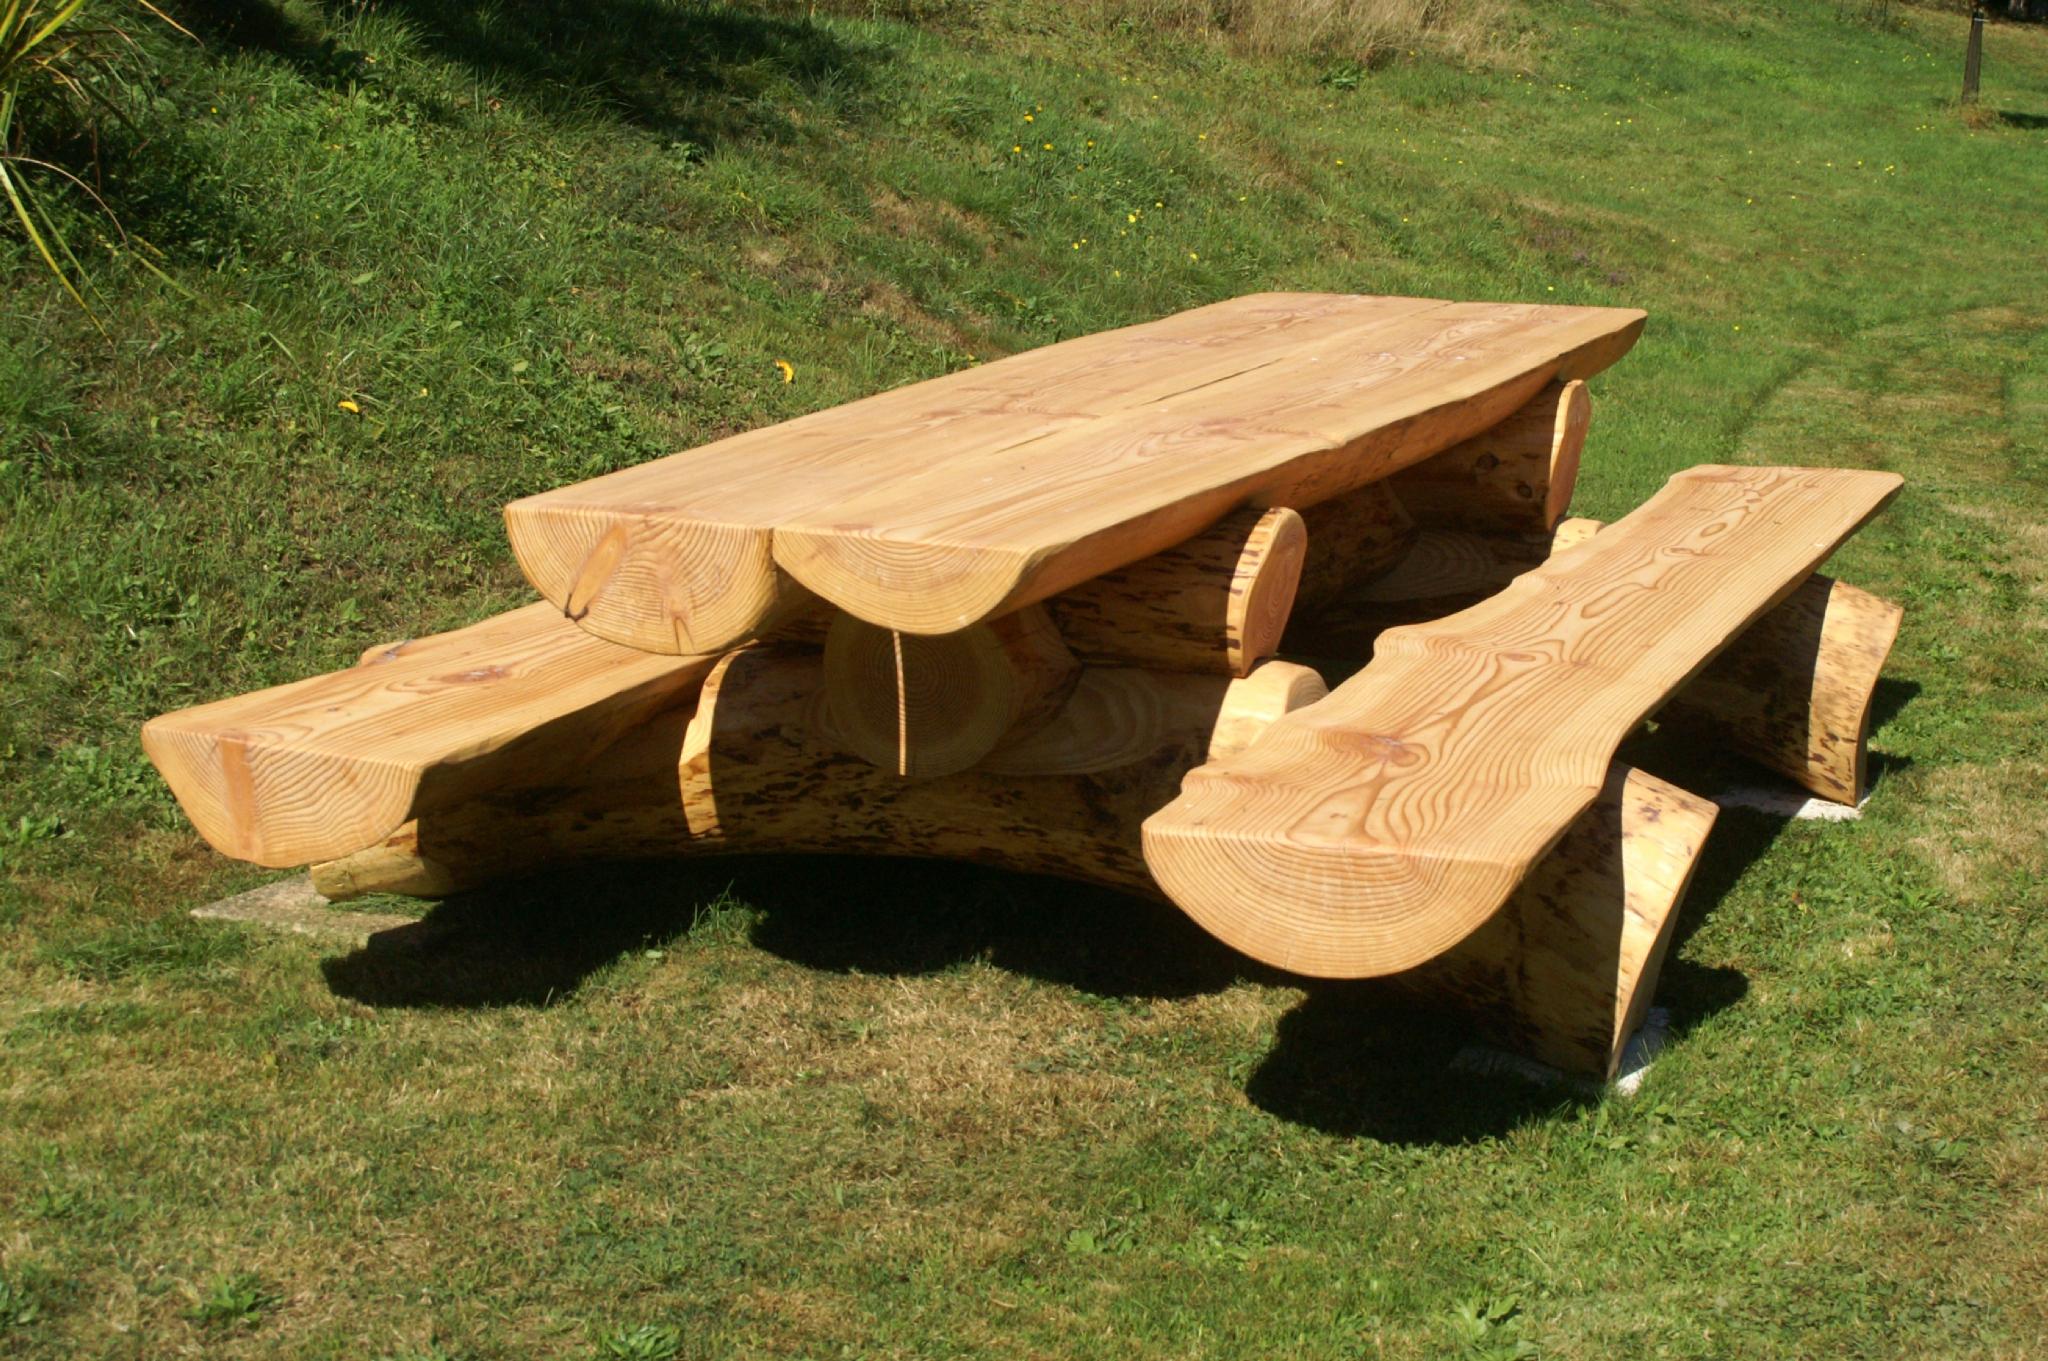 Table Banc Jardin Des Idées - Idees Conception Jardin concernant Table De Jardin En Bois Avec Banc Integre